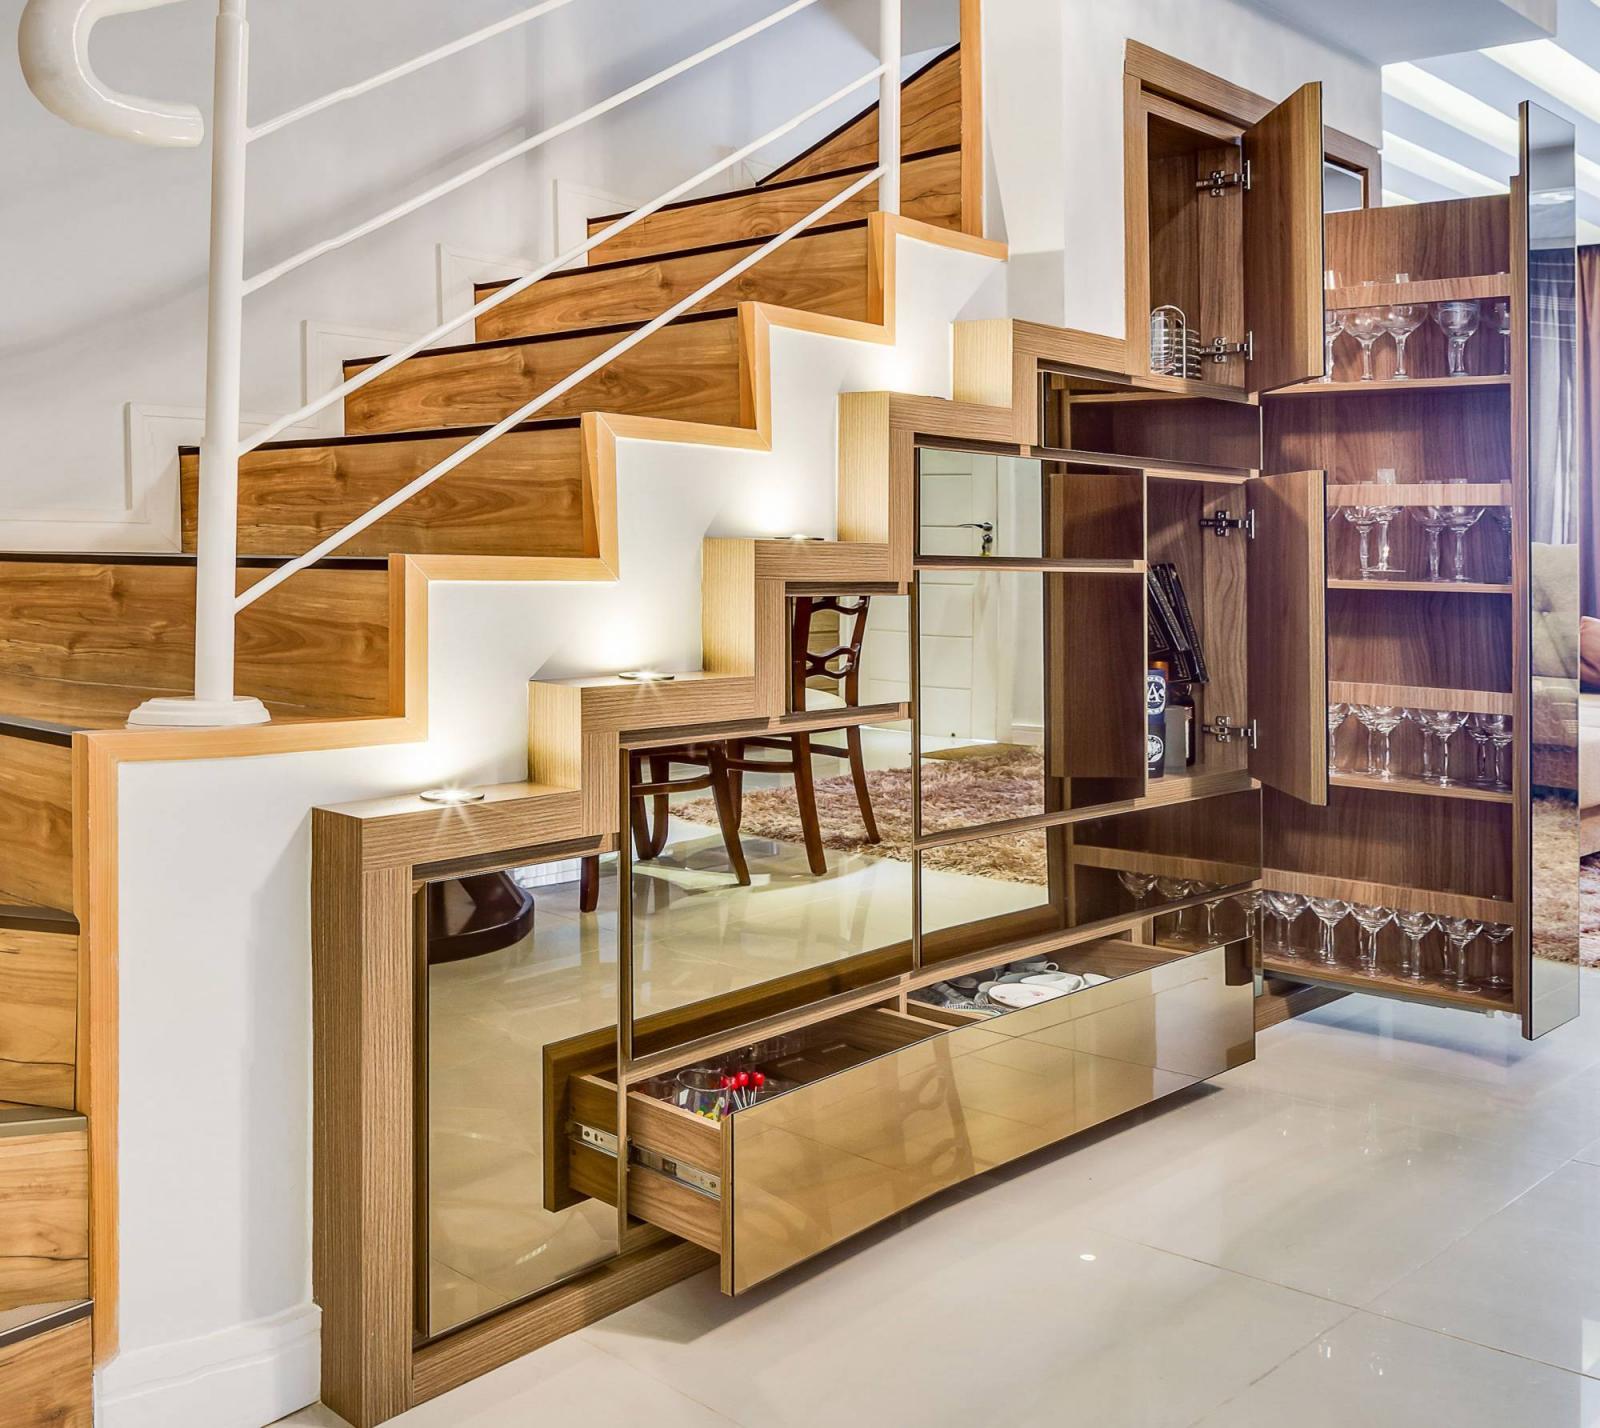 hệ tủ trang trí ở gầm cầu thang